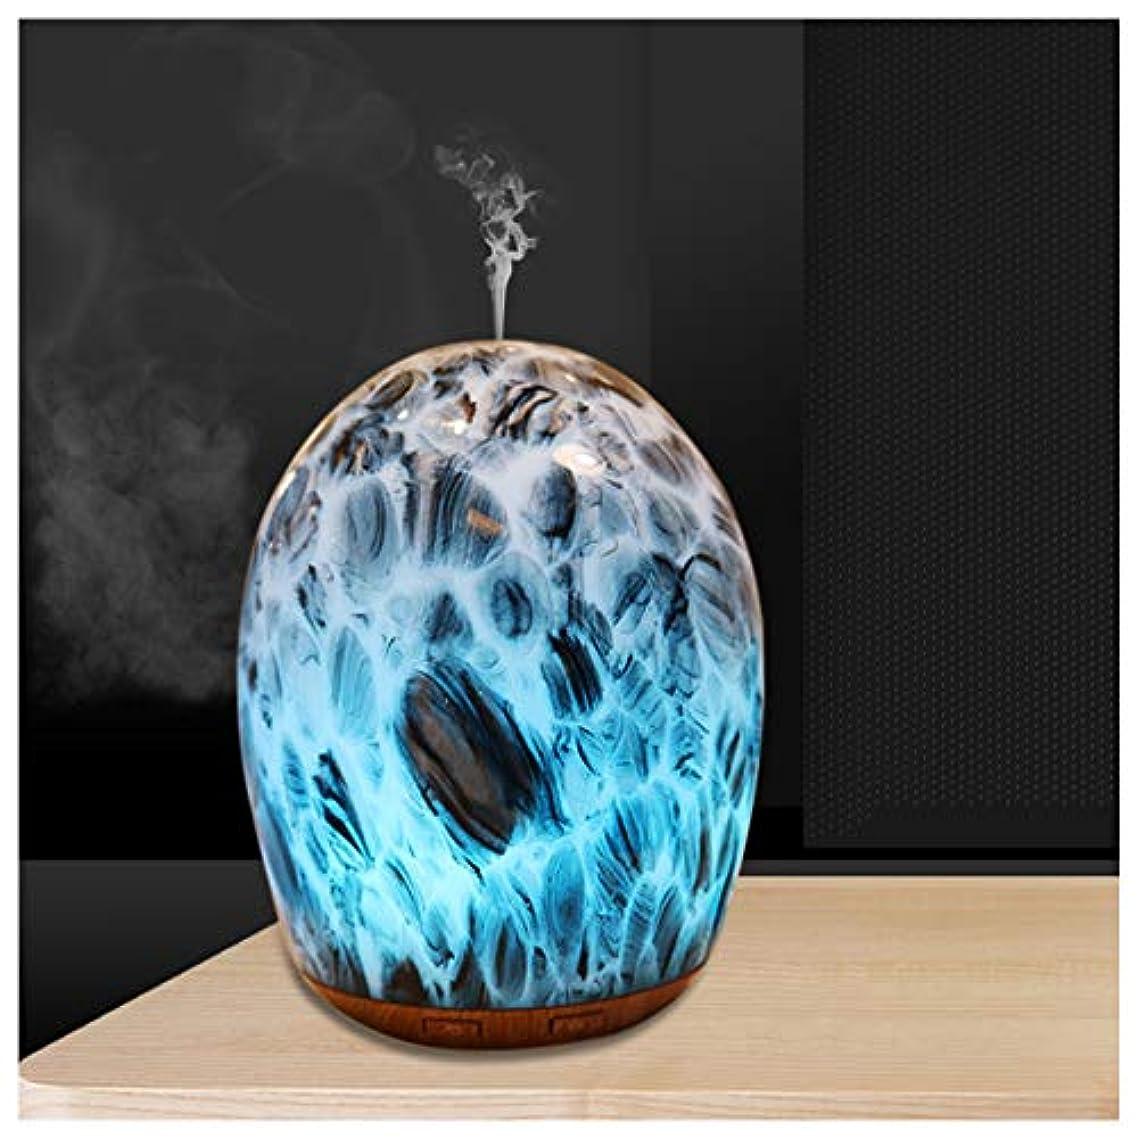 サイレン鳴り響く分析的エッセンシャルオイルディフューザー超音波加湿器ポータブルアロマディフューザー、100ミリリットルガラス加湿器、水なし自動閉鎖、7色フレグランスランプ、ホームオフィス用ヨガスパ